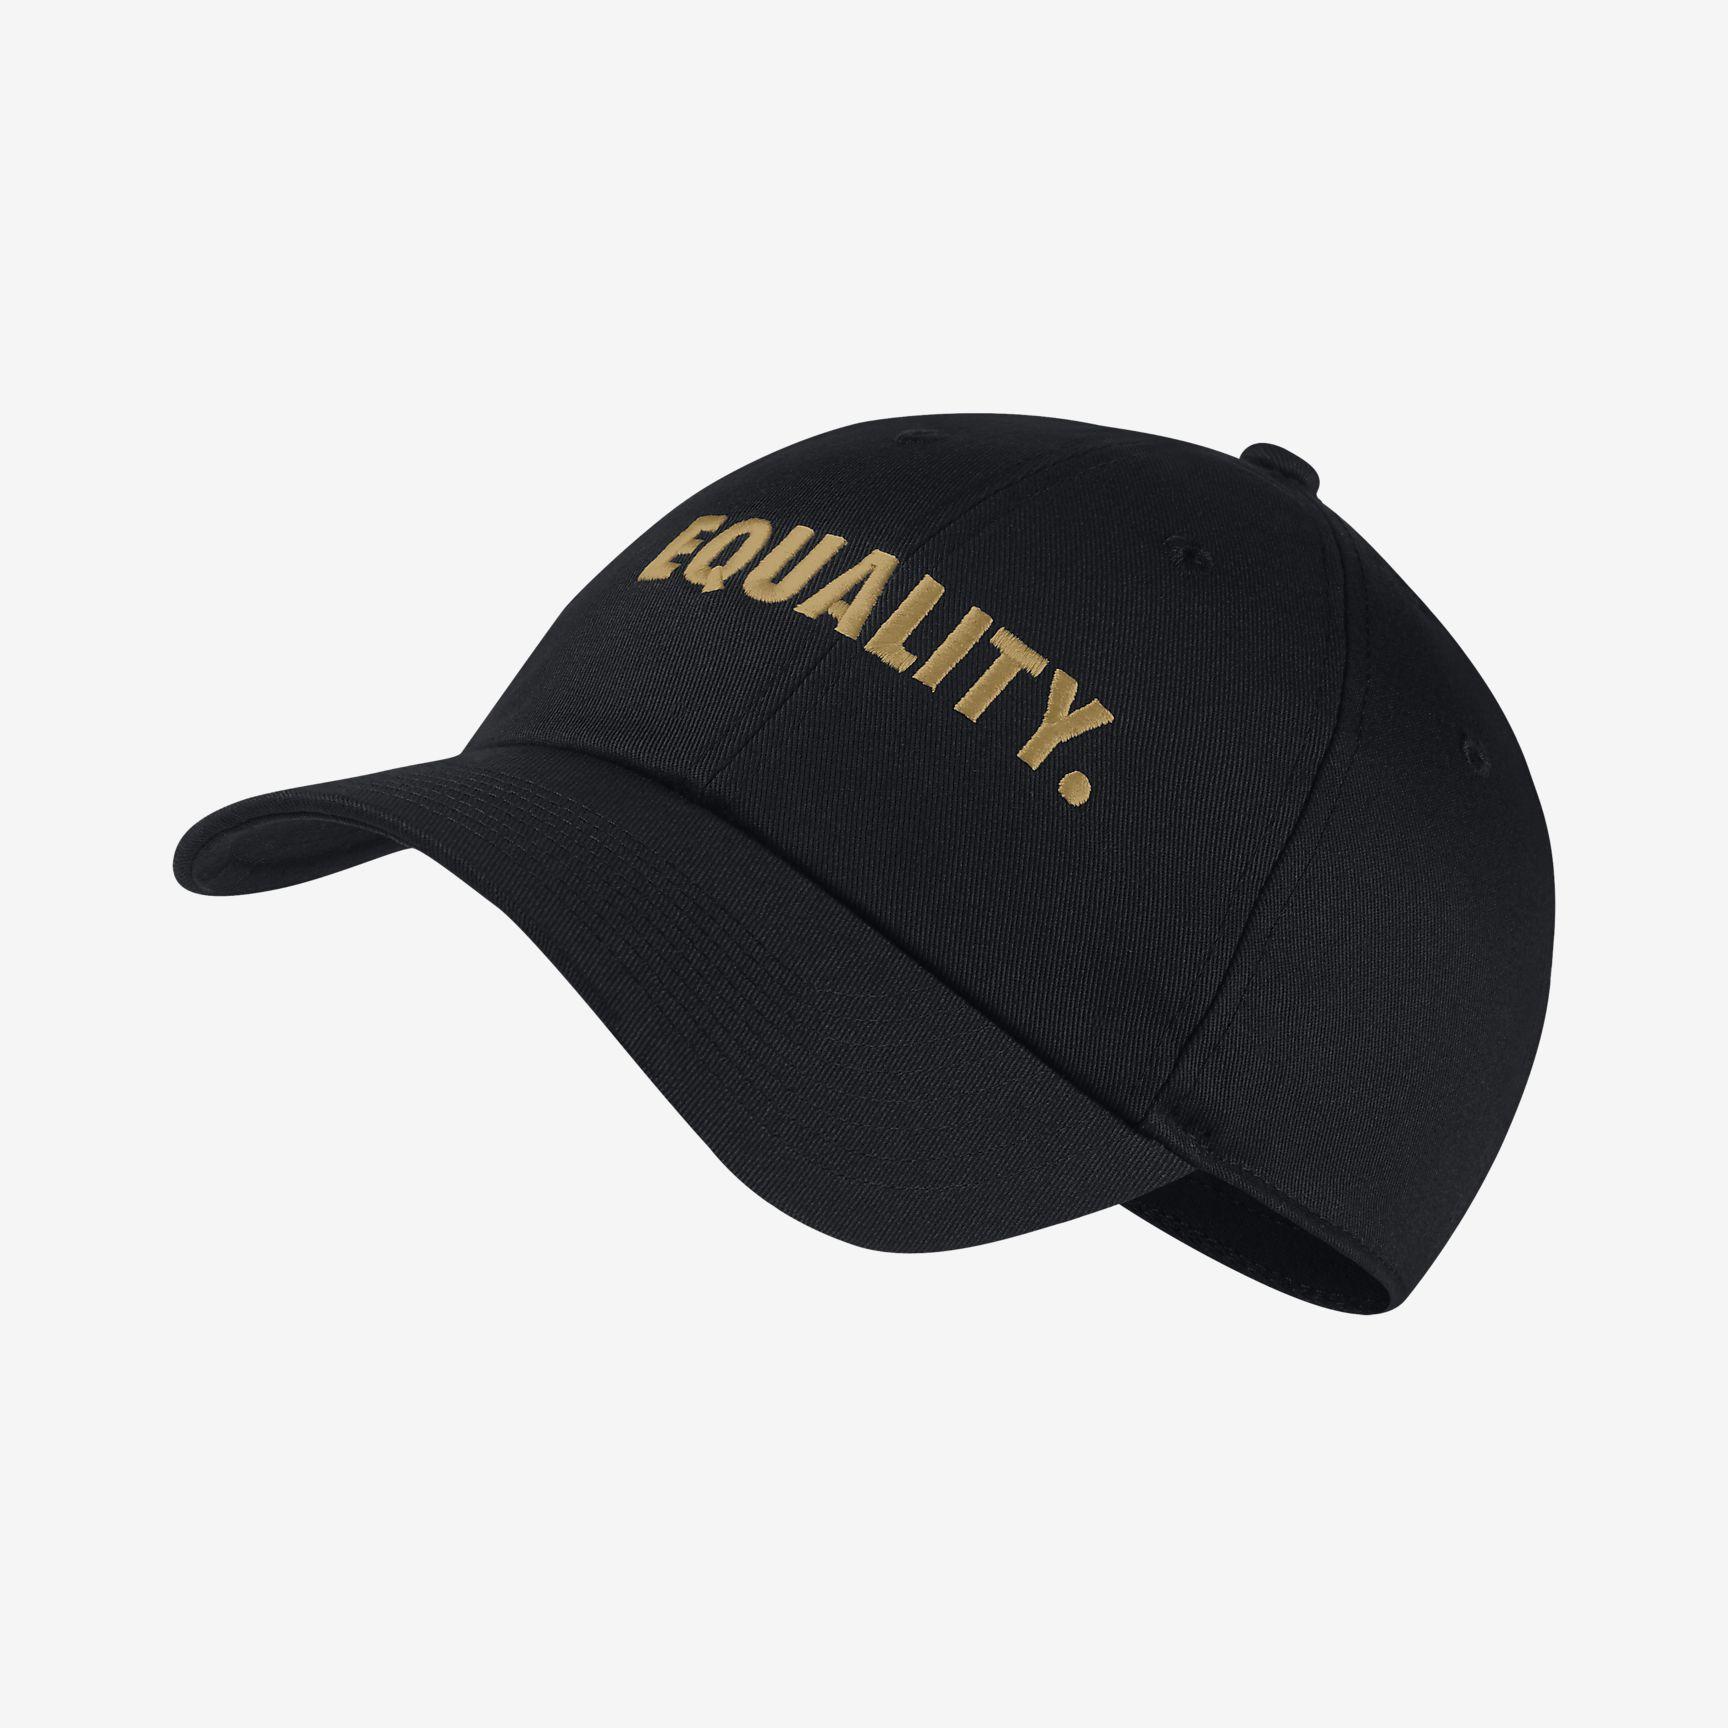 h86-equality-adjustable-hat-eZolER.jpg